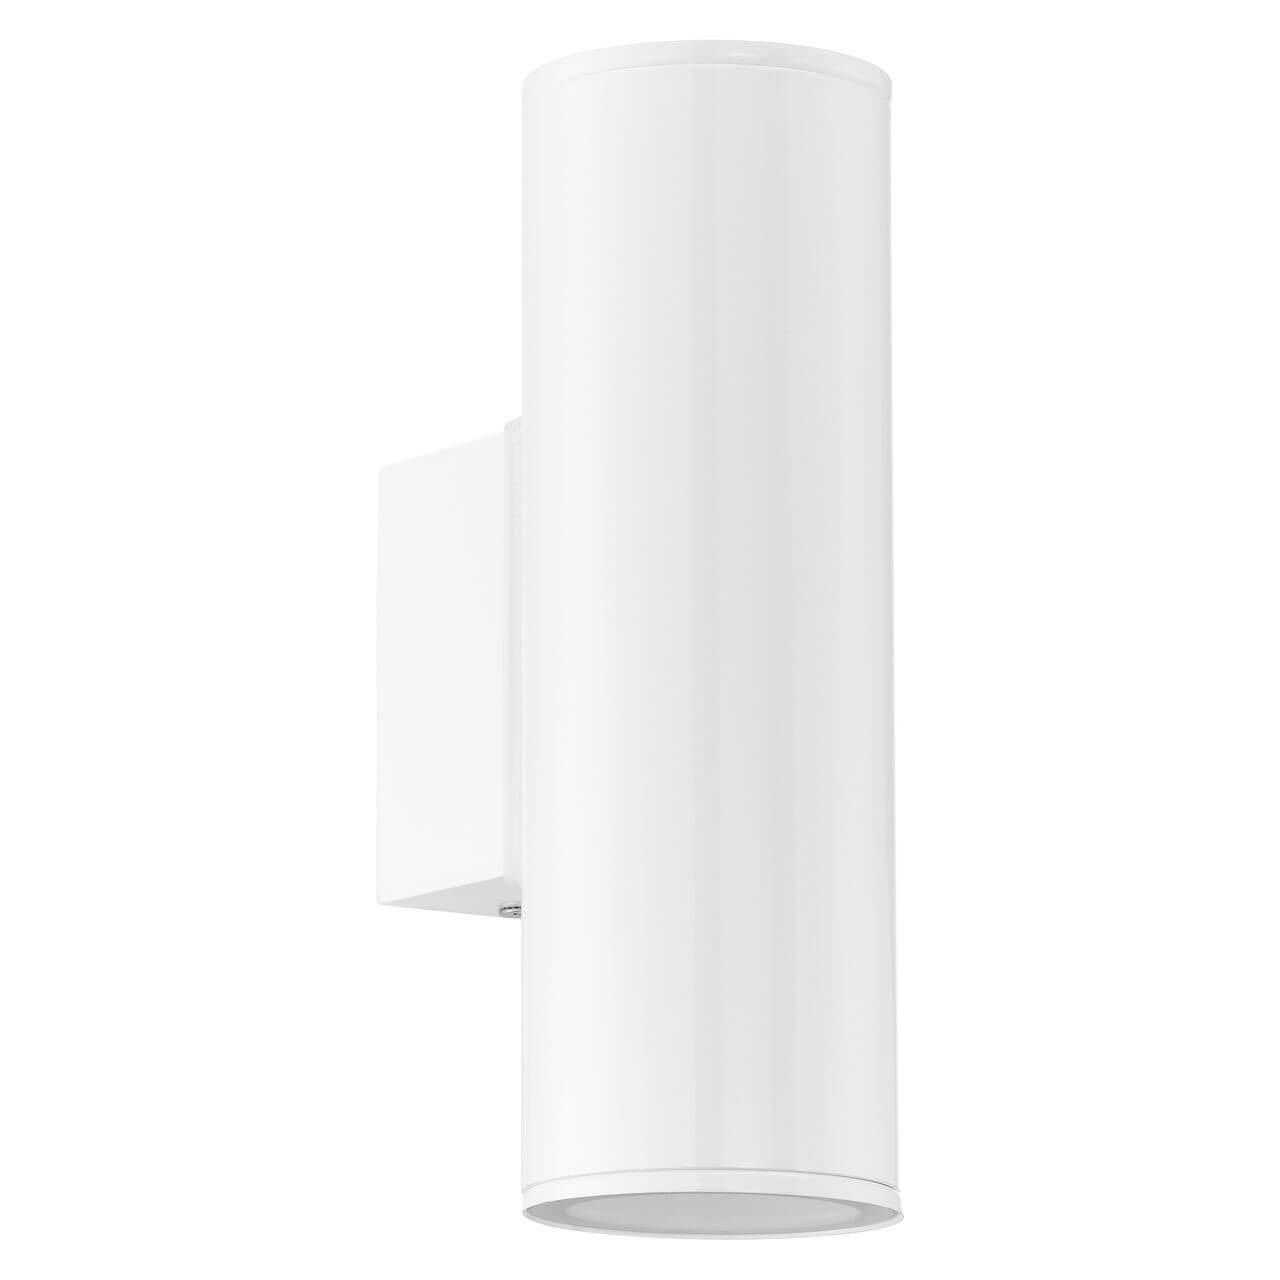 Уличный светильник Eglo 94101, GU10 все цены